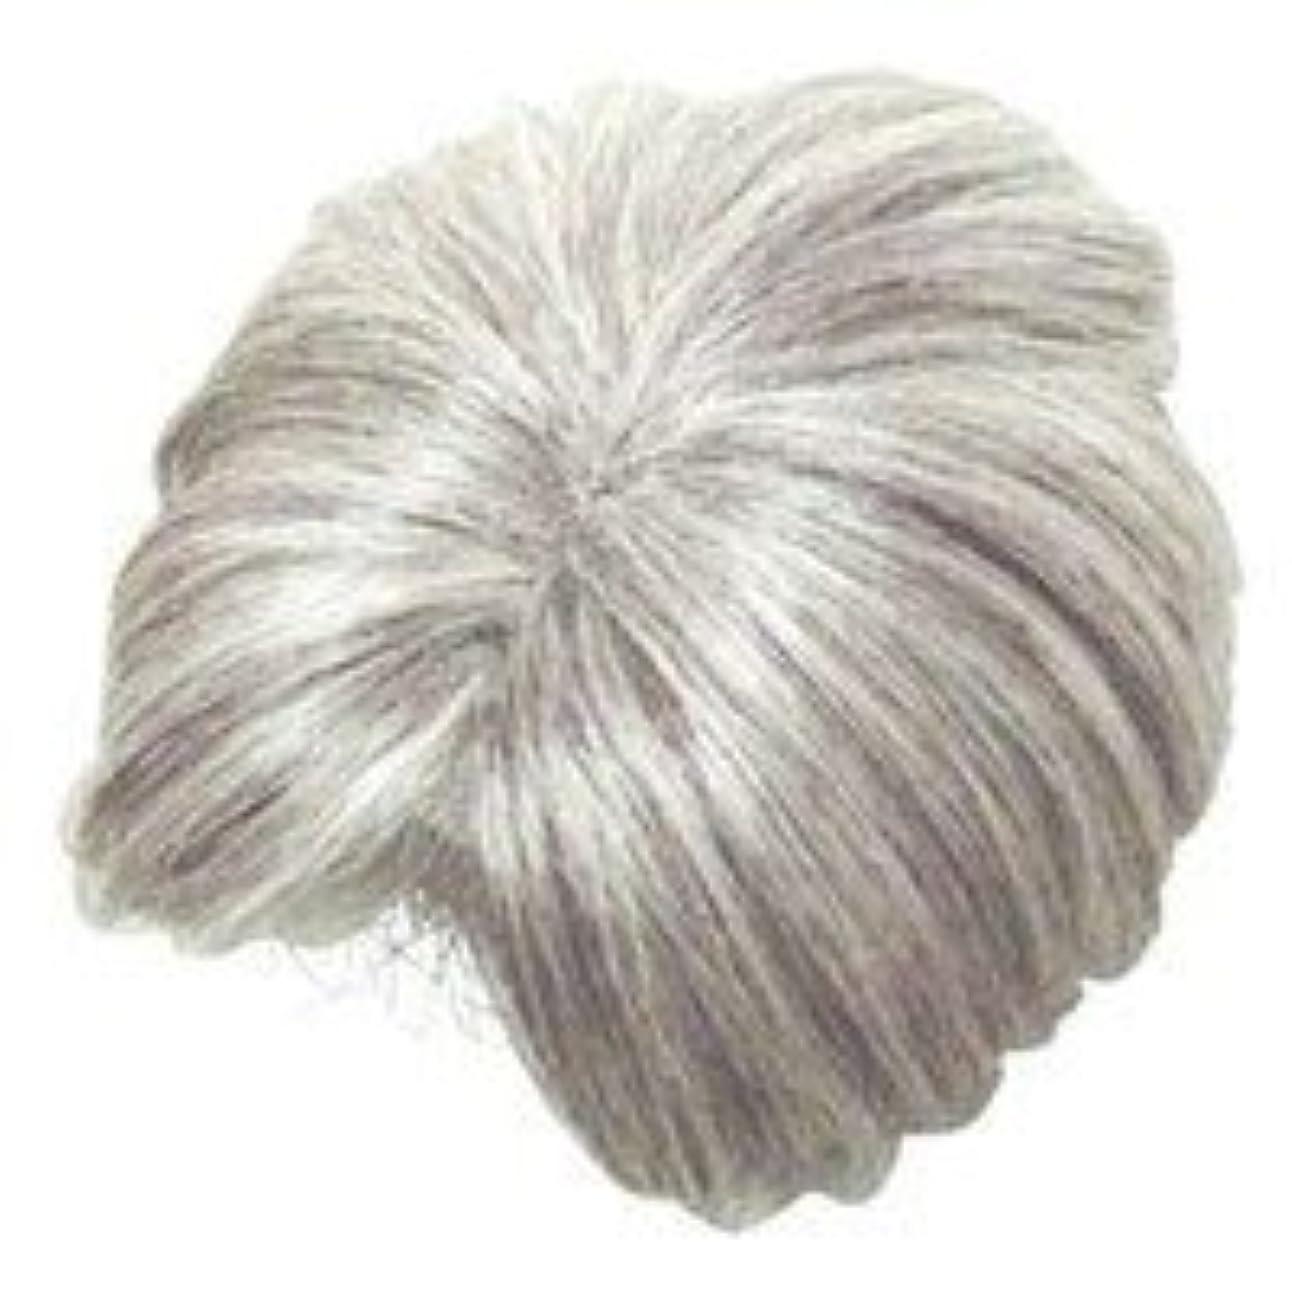 可塑性肉腫協定モアヘアピース部分かつら (白髪80パーセント)